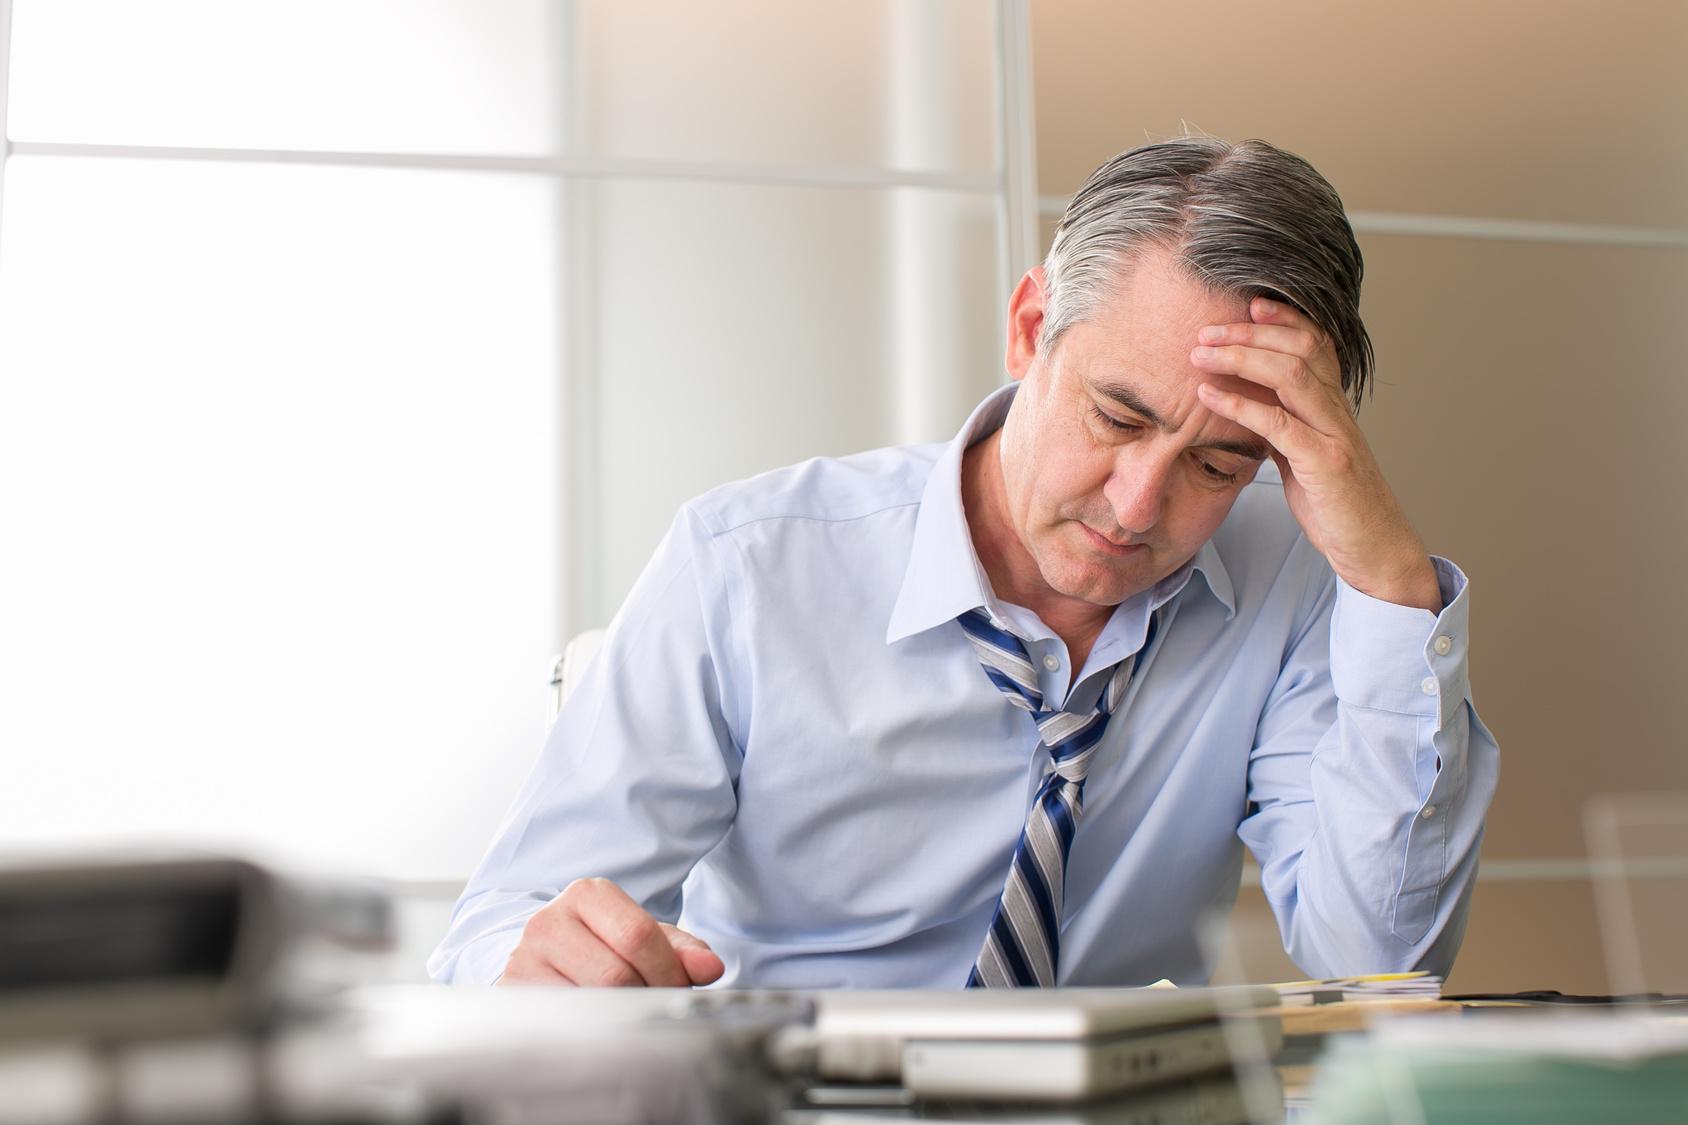 Chronische Erschöpfung in Verbindung mit Schmerzen und Depressionen ist weit verbreitet.